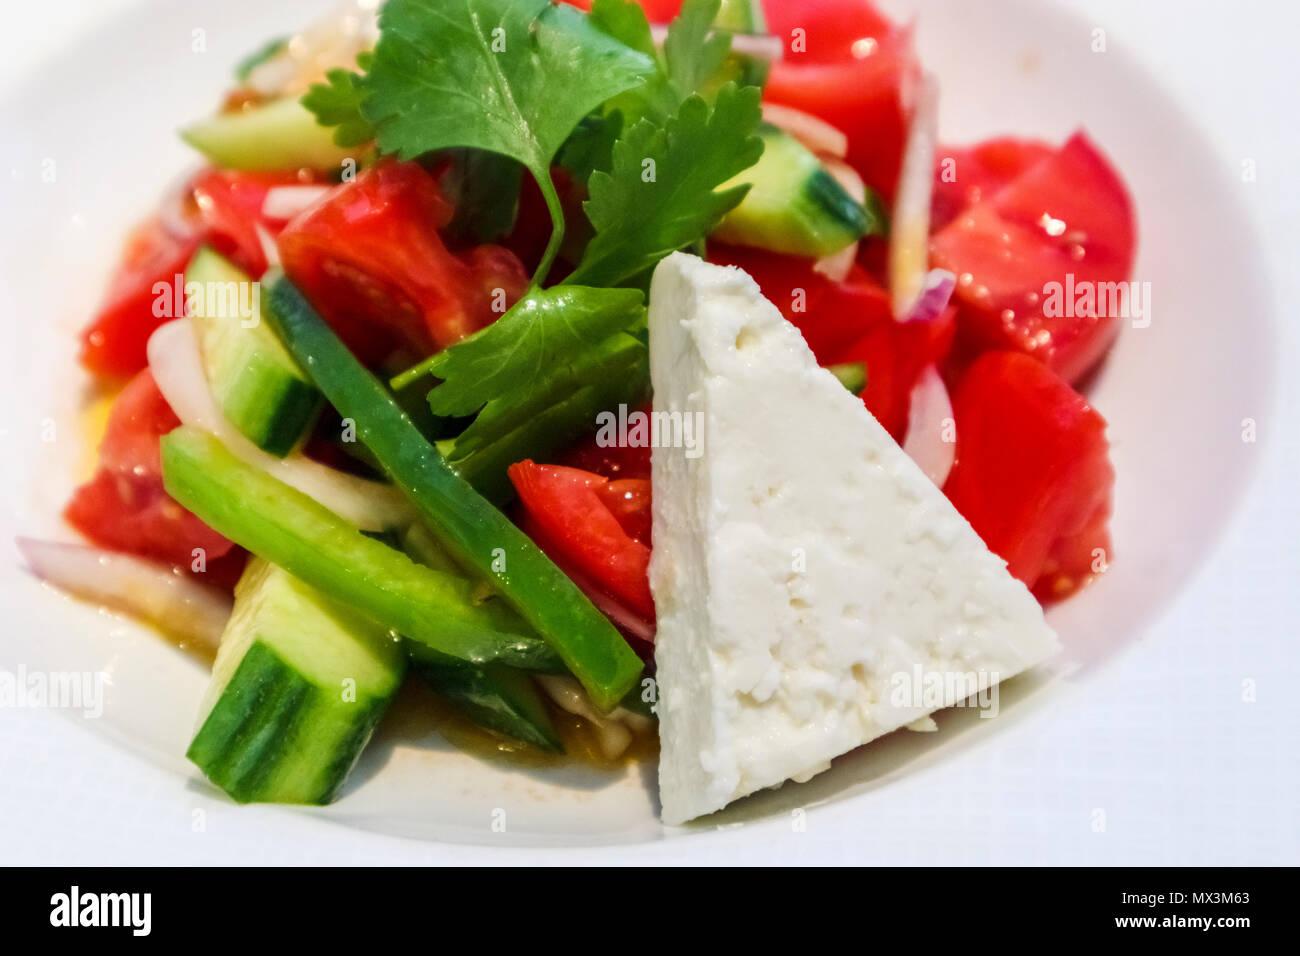 Ristoranti raffinati antipasti: piastra di una sana insalata greca come un primo corso, con il formaggio feta, polpa di pomodoro, cetriolo e un rametto di prezzemolo Immagini Stock